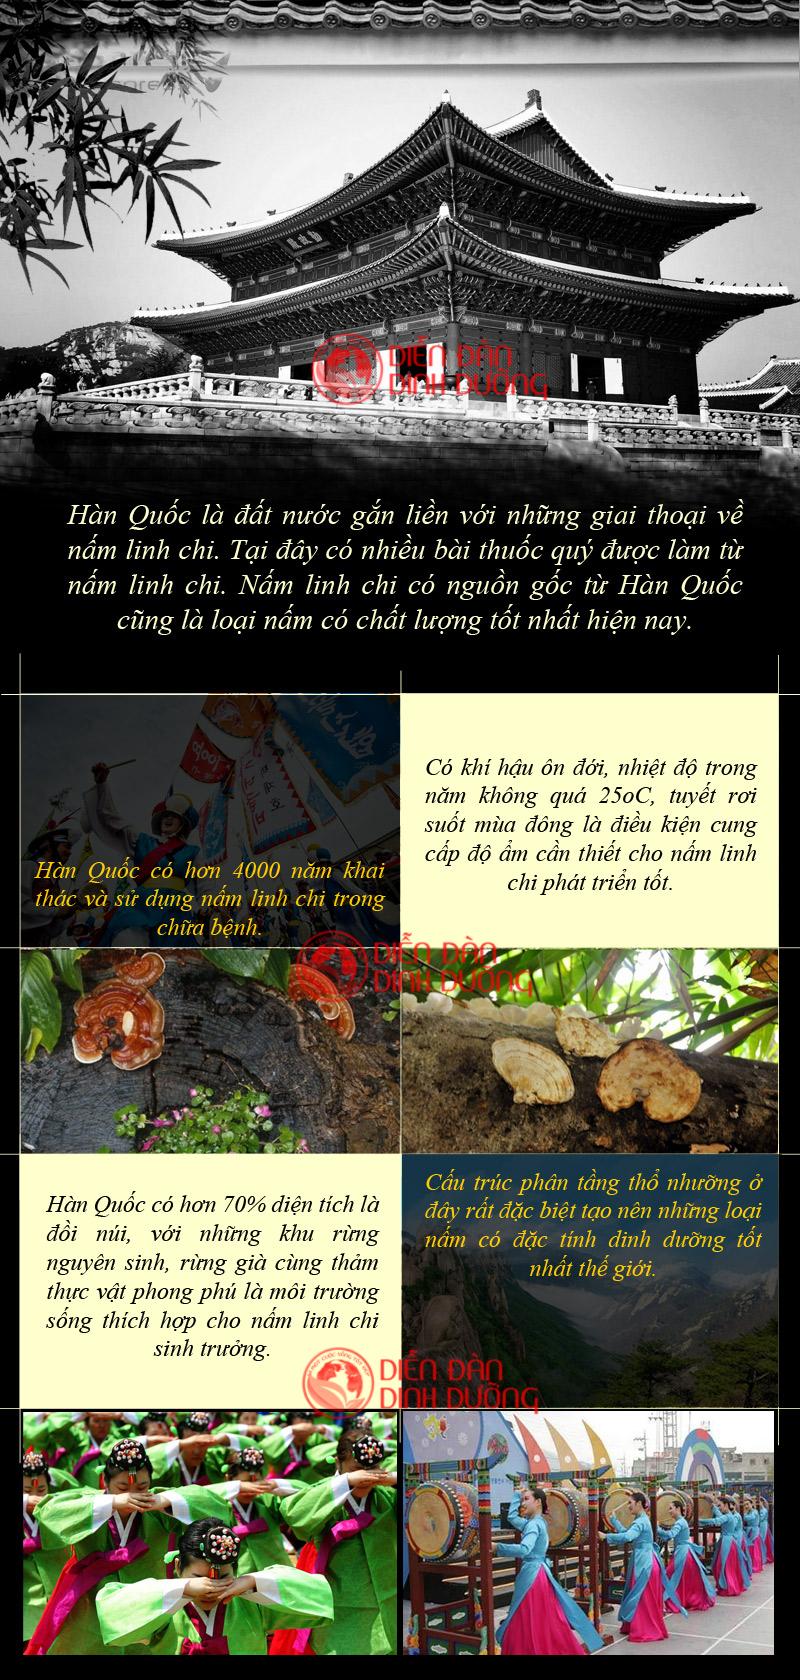 Tác dụng chữa bệnh của nấm linh chi Hàn QuốcTác dụng chữa bệnh của nấm linh chi Hàn Quốc